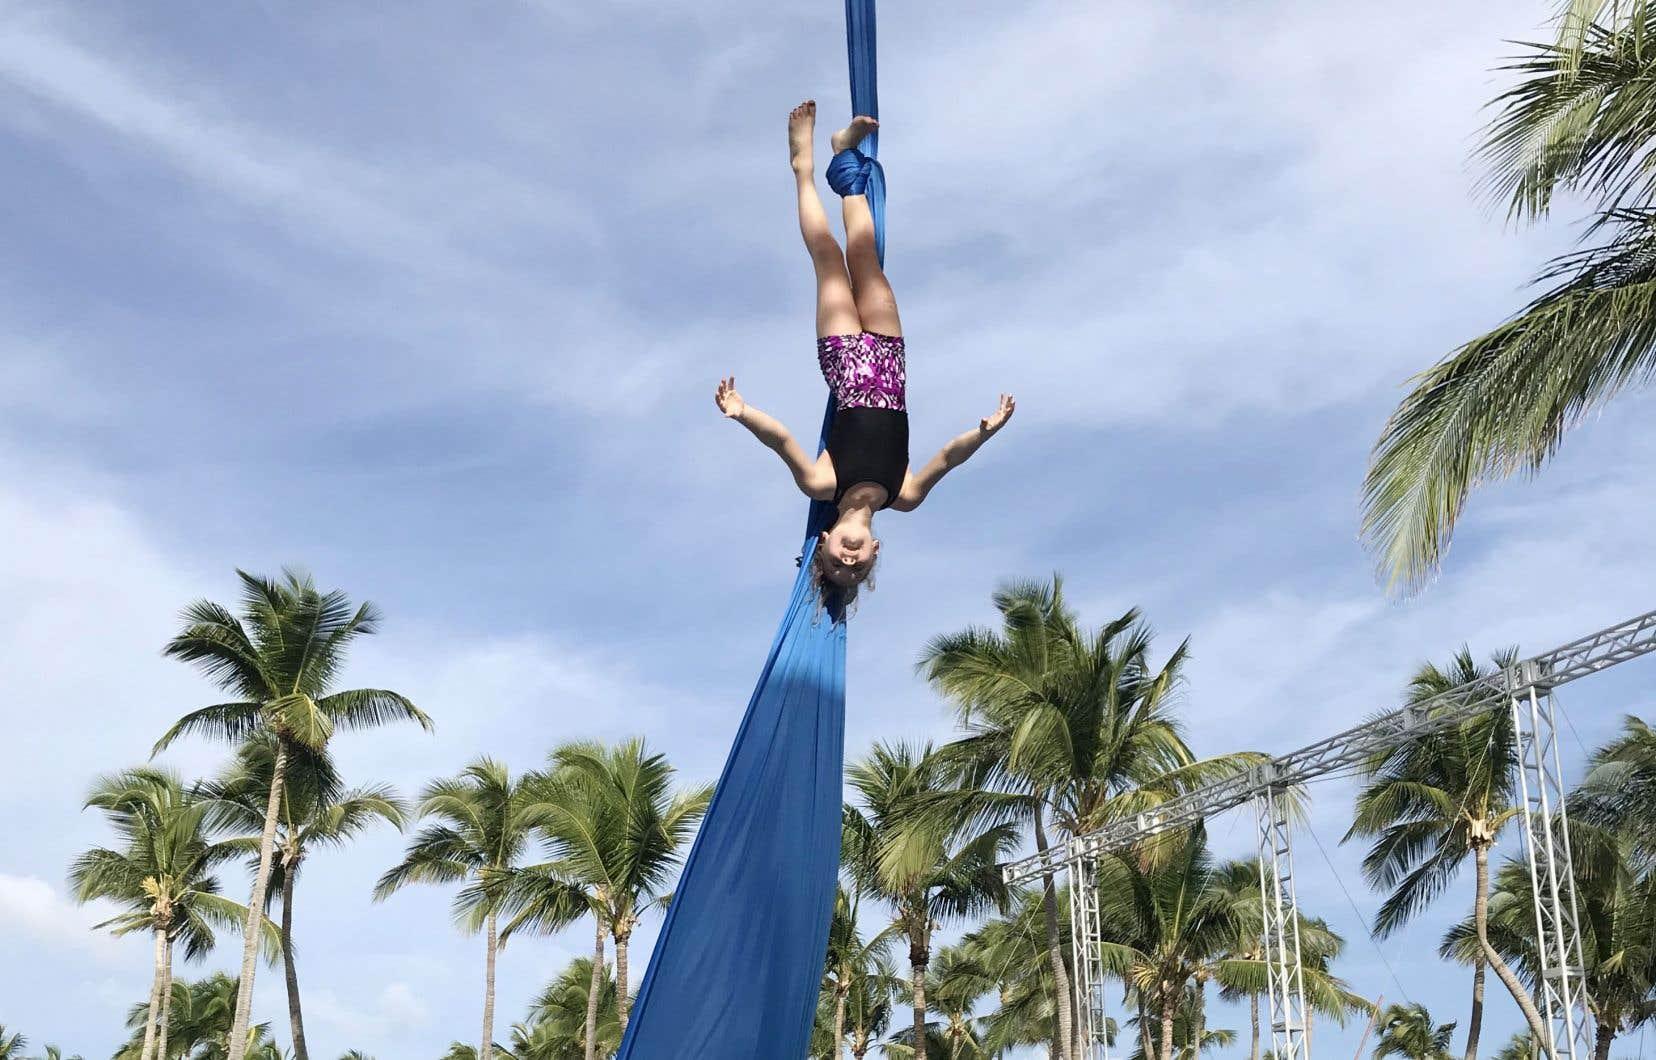 Creactive fait partie du complexe de villégiature du Club Med Punta Cana, en République dominicaine. Conçue en collaboration avec le Cirque du Soleil, c'est la première aire du genre à avoir vu le jour dans le monde.